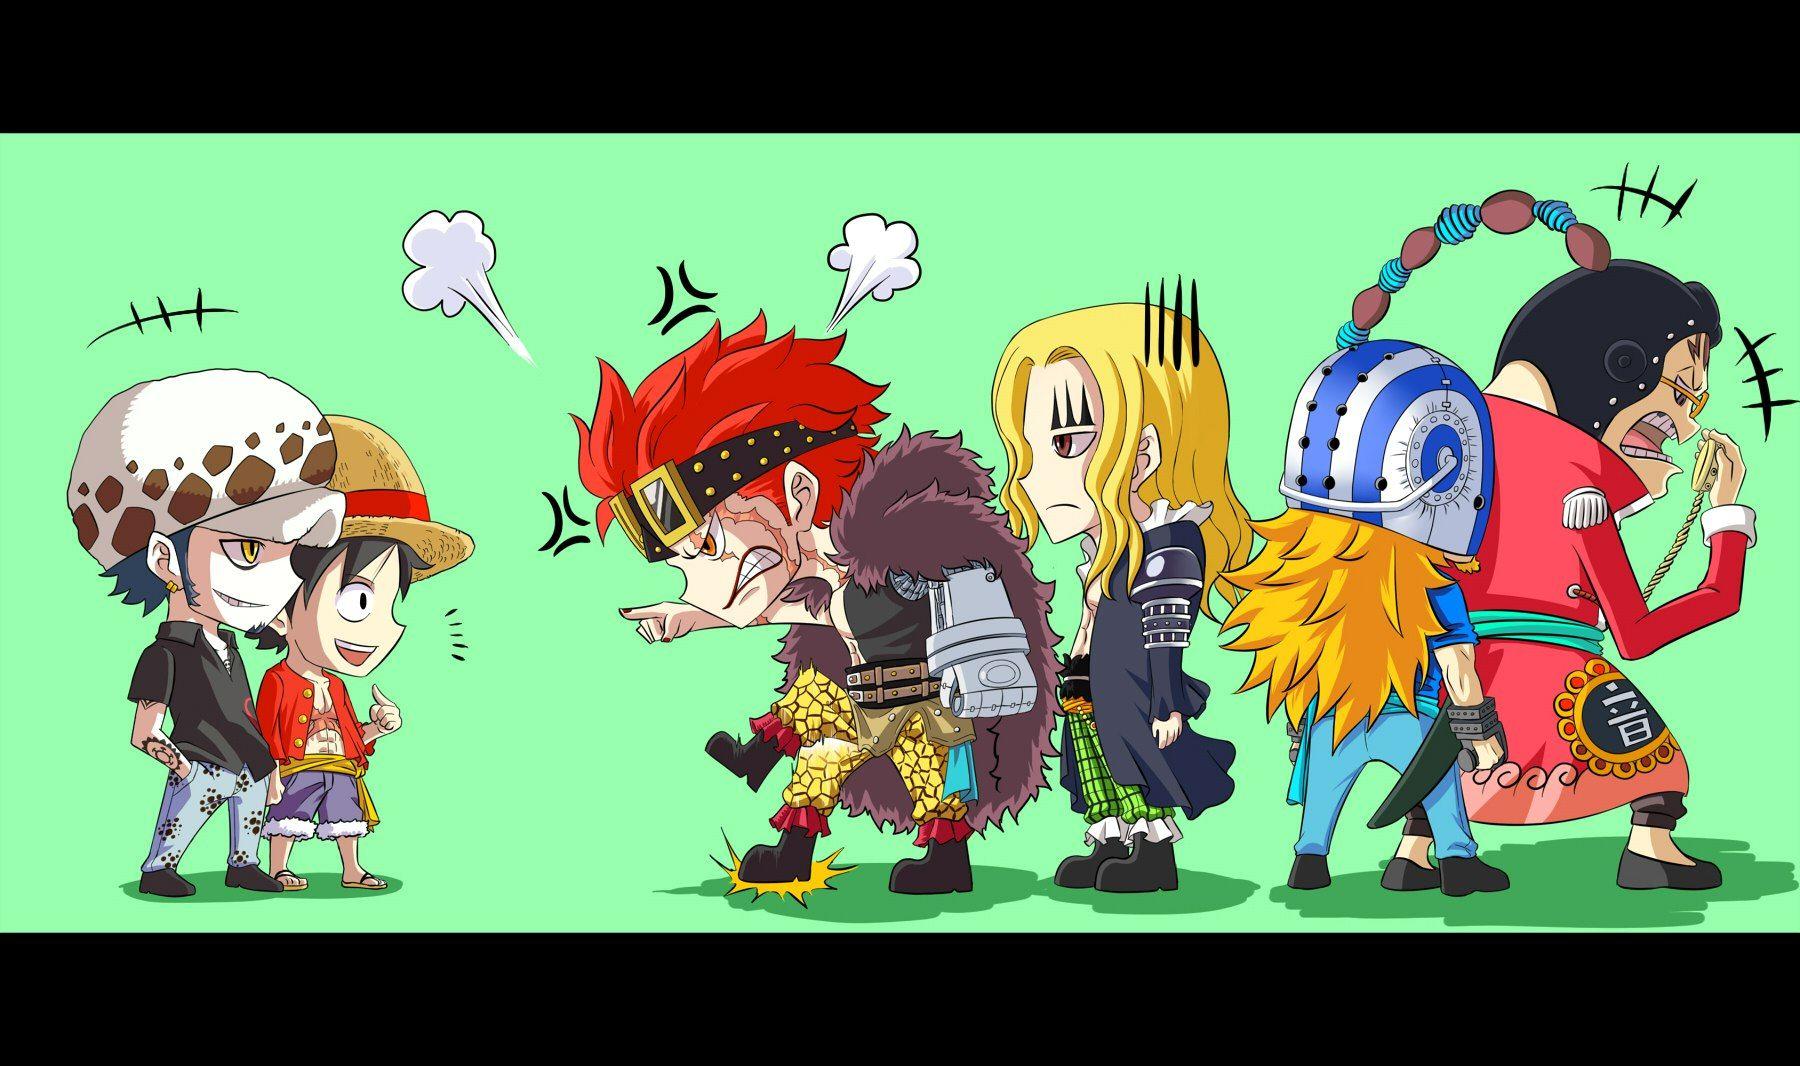 One Piece, Luffy, Law, Kid, Hawkins, Killer, Apoo